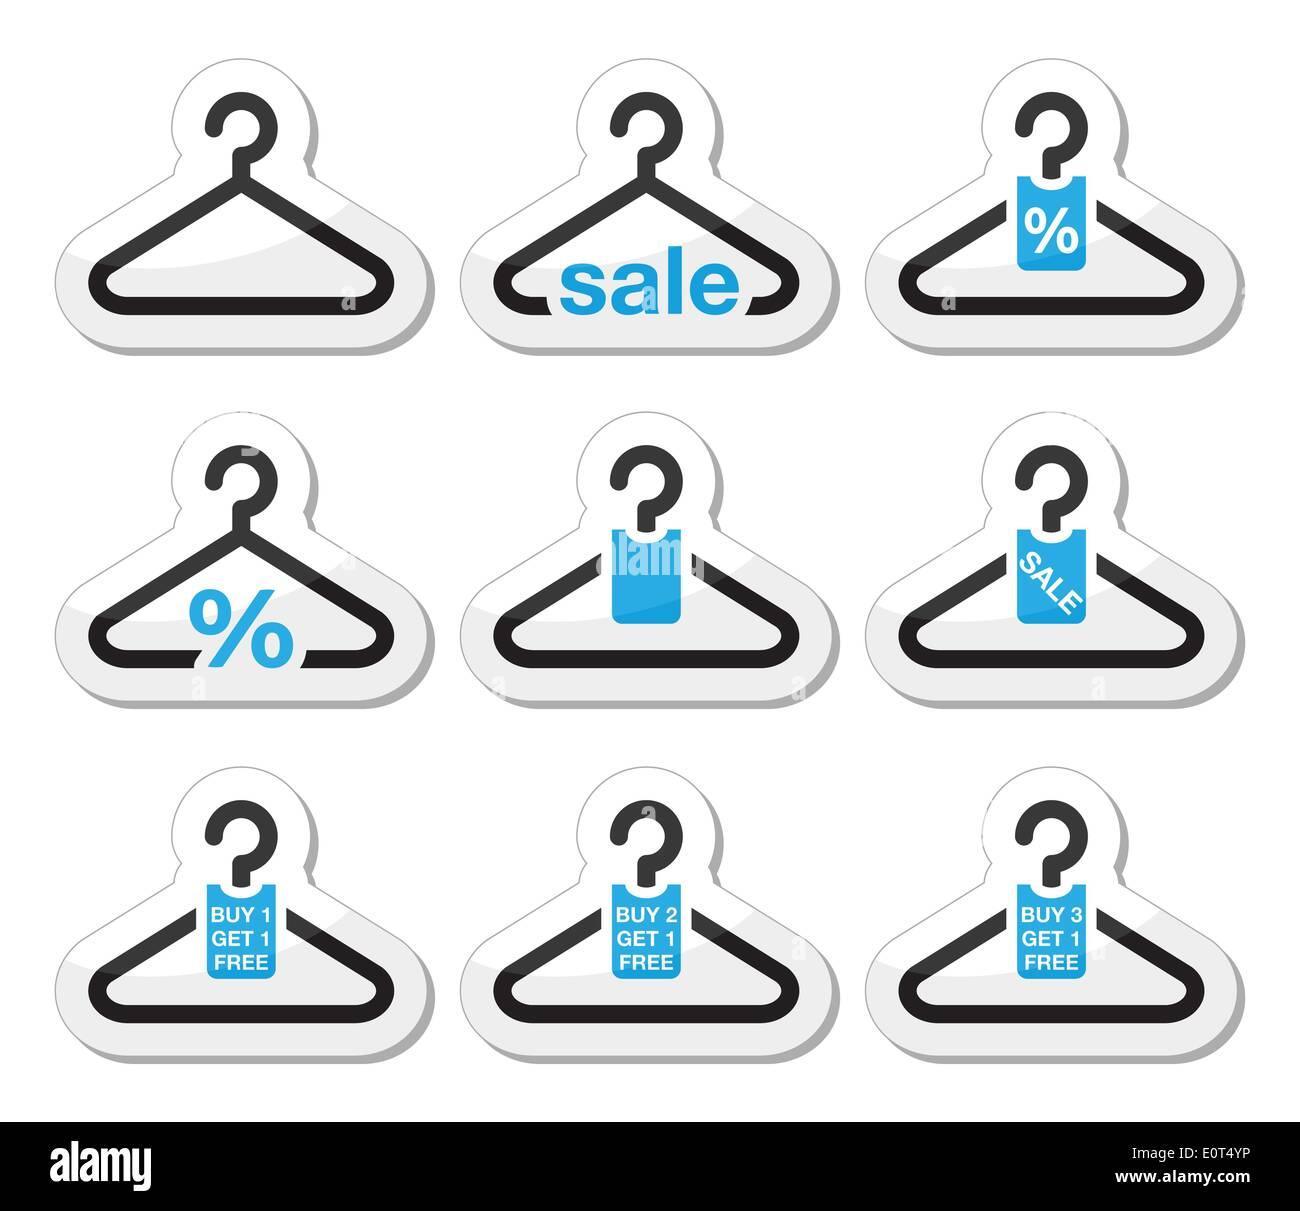 Sale, buy 1 get 1 free hanger icons set Stock Vector Art